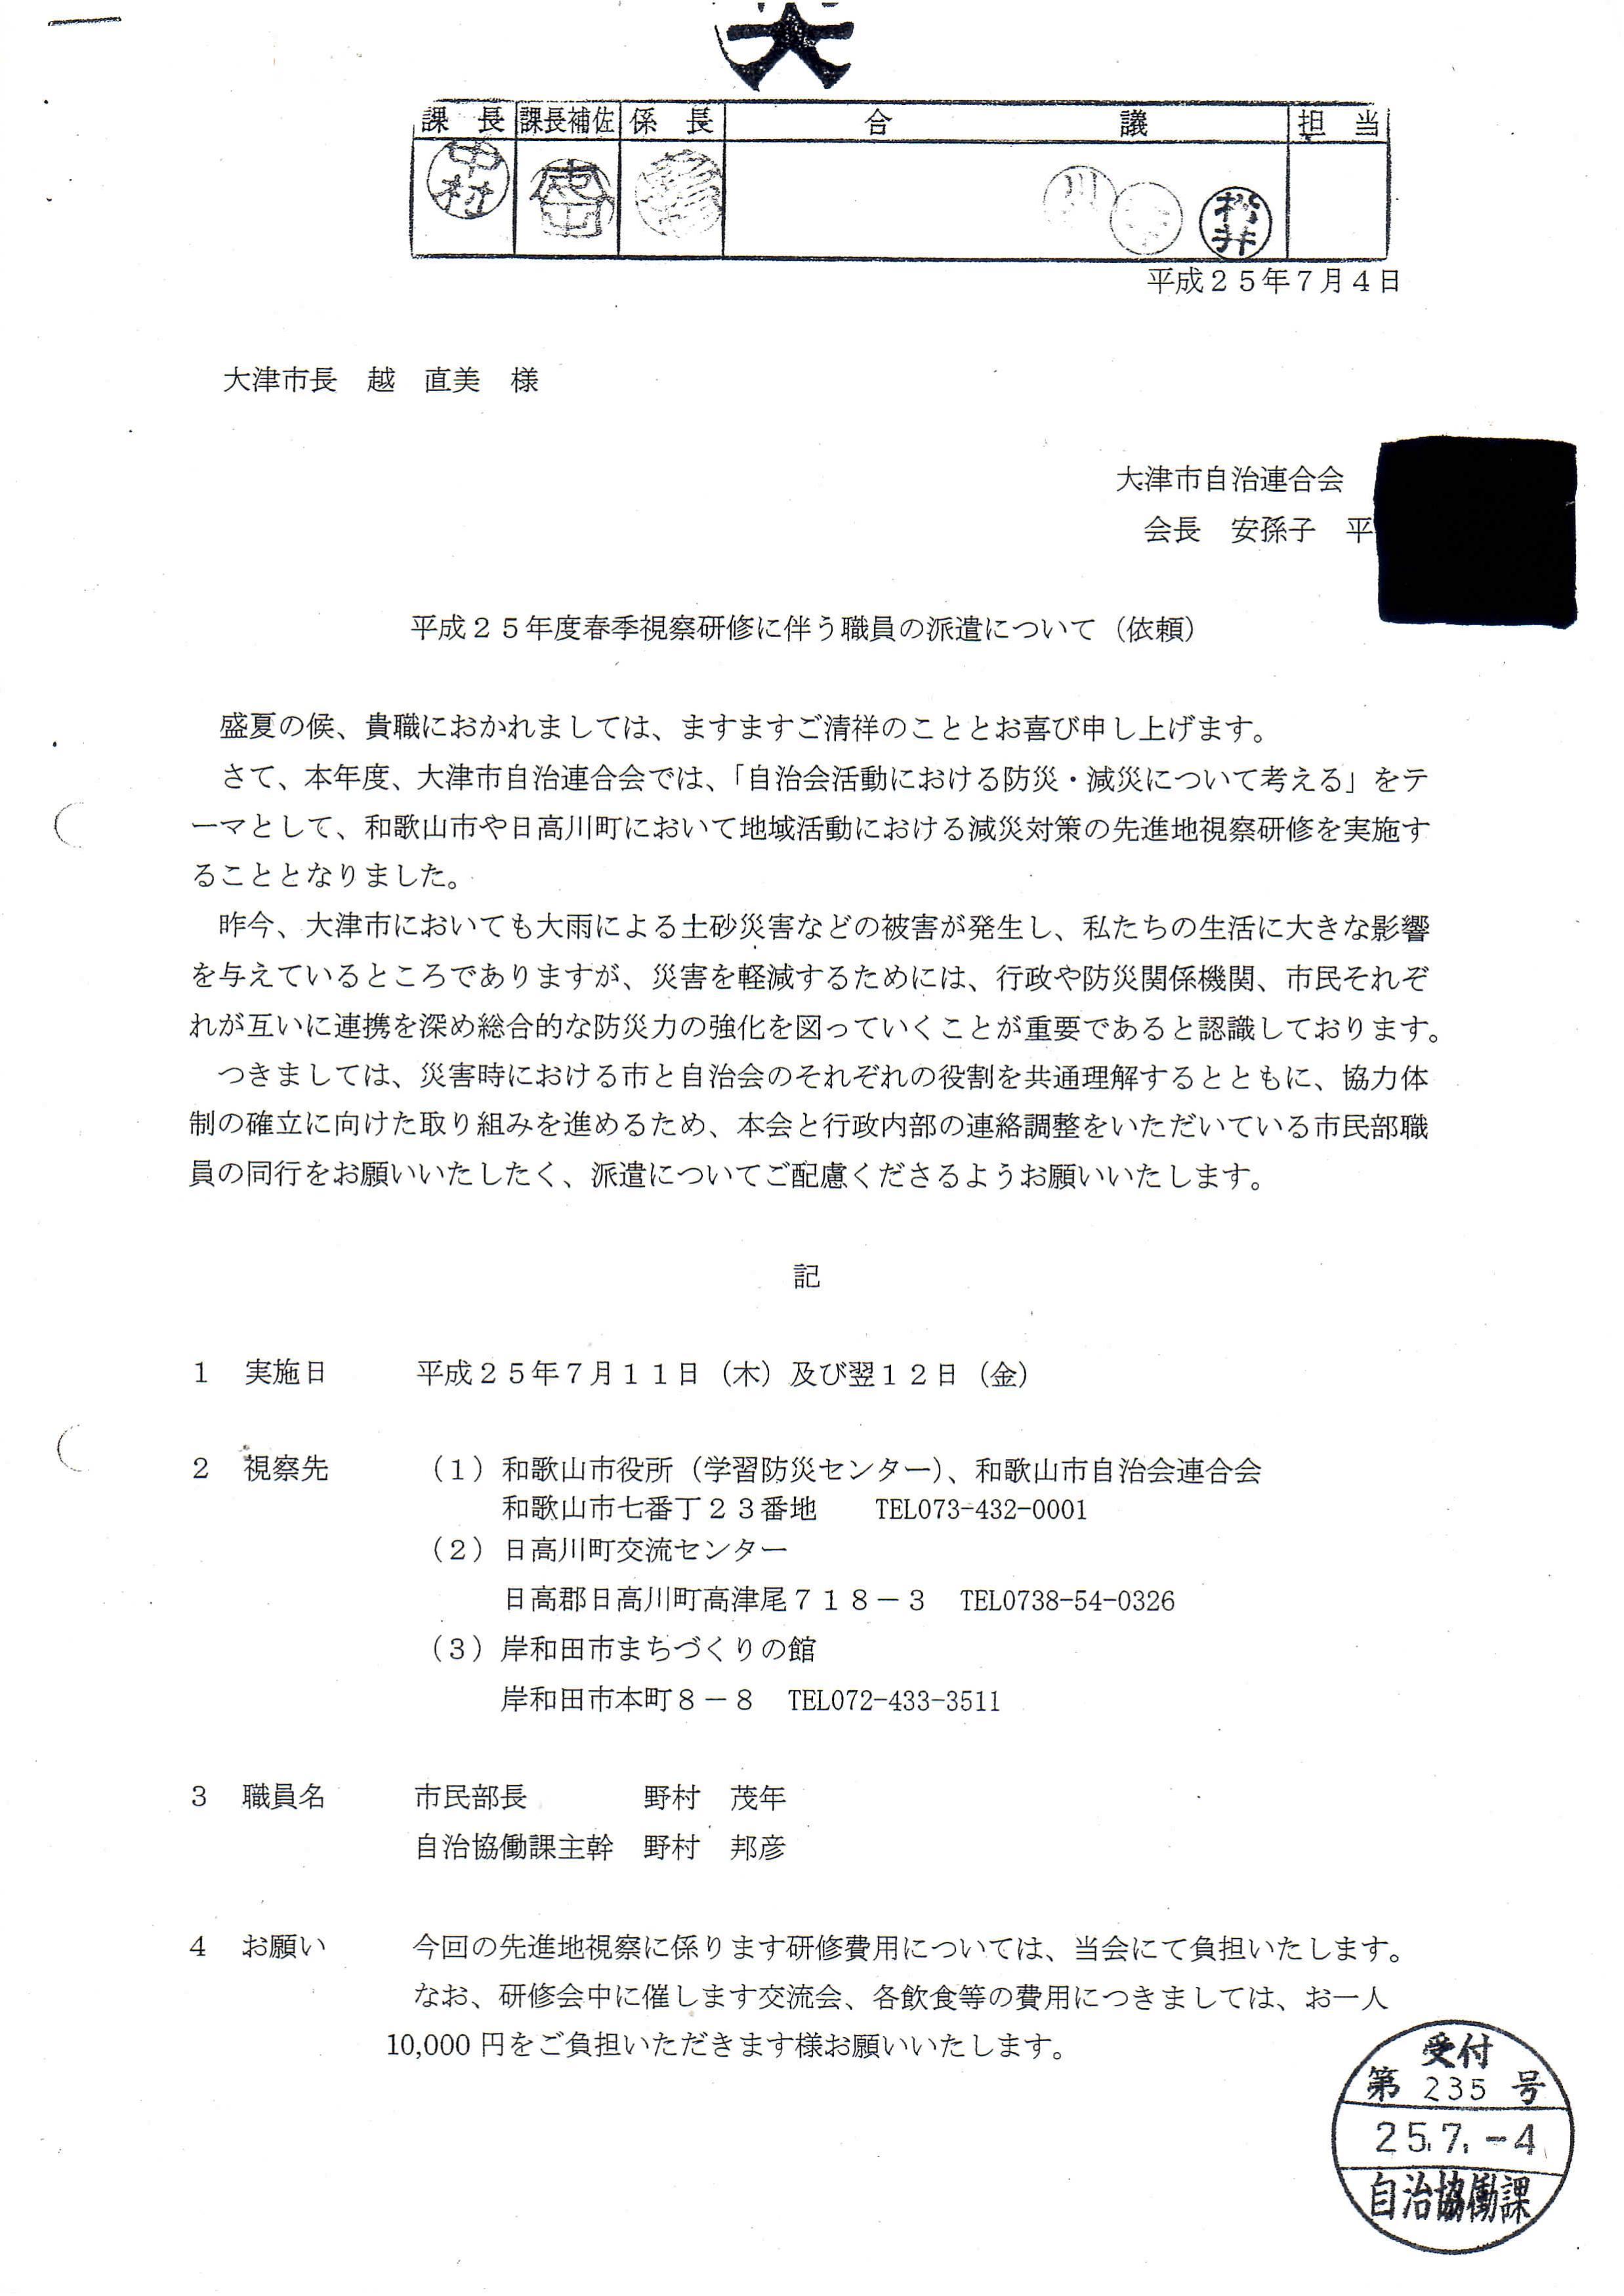 2013年自治連/春季研修依頼書_01